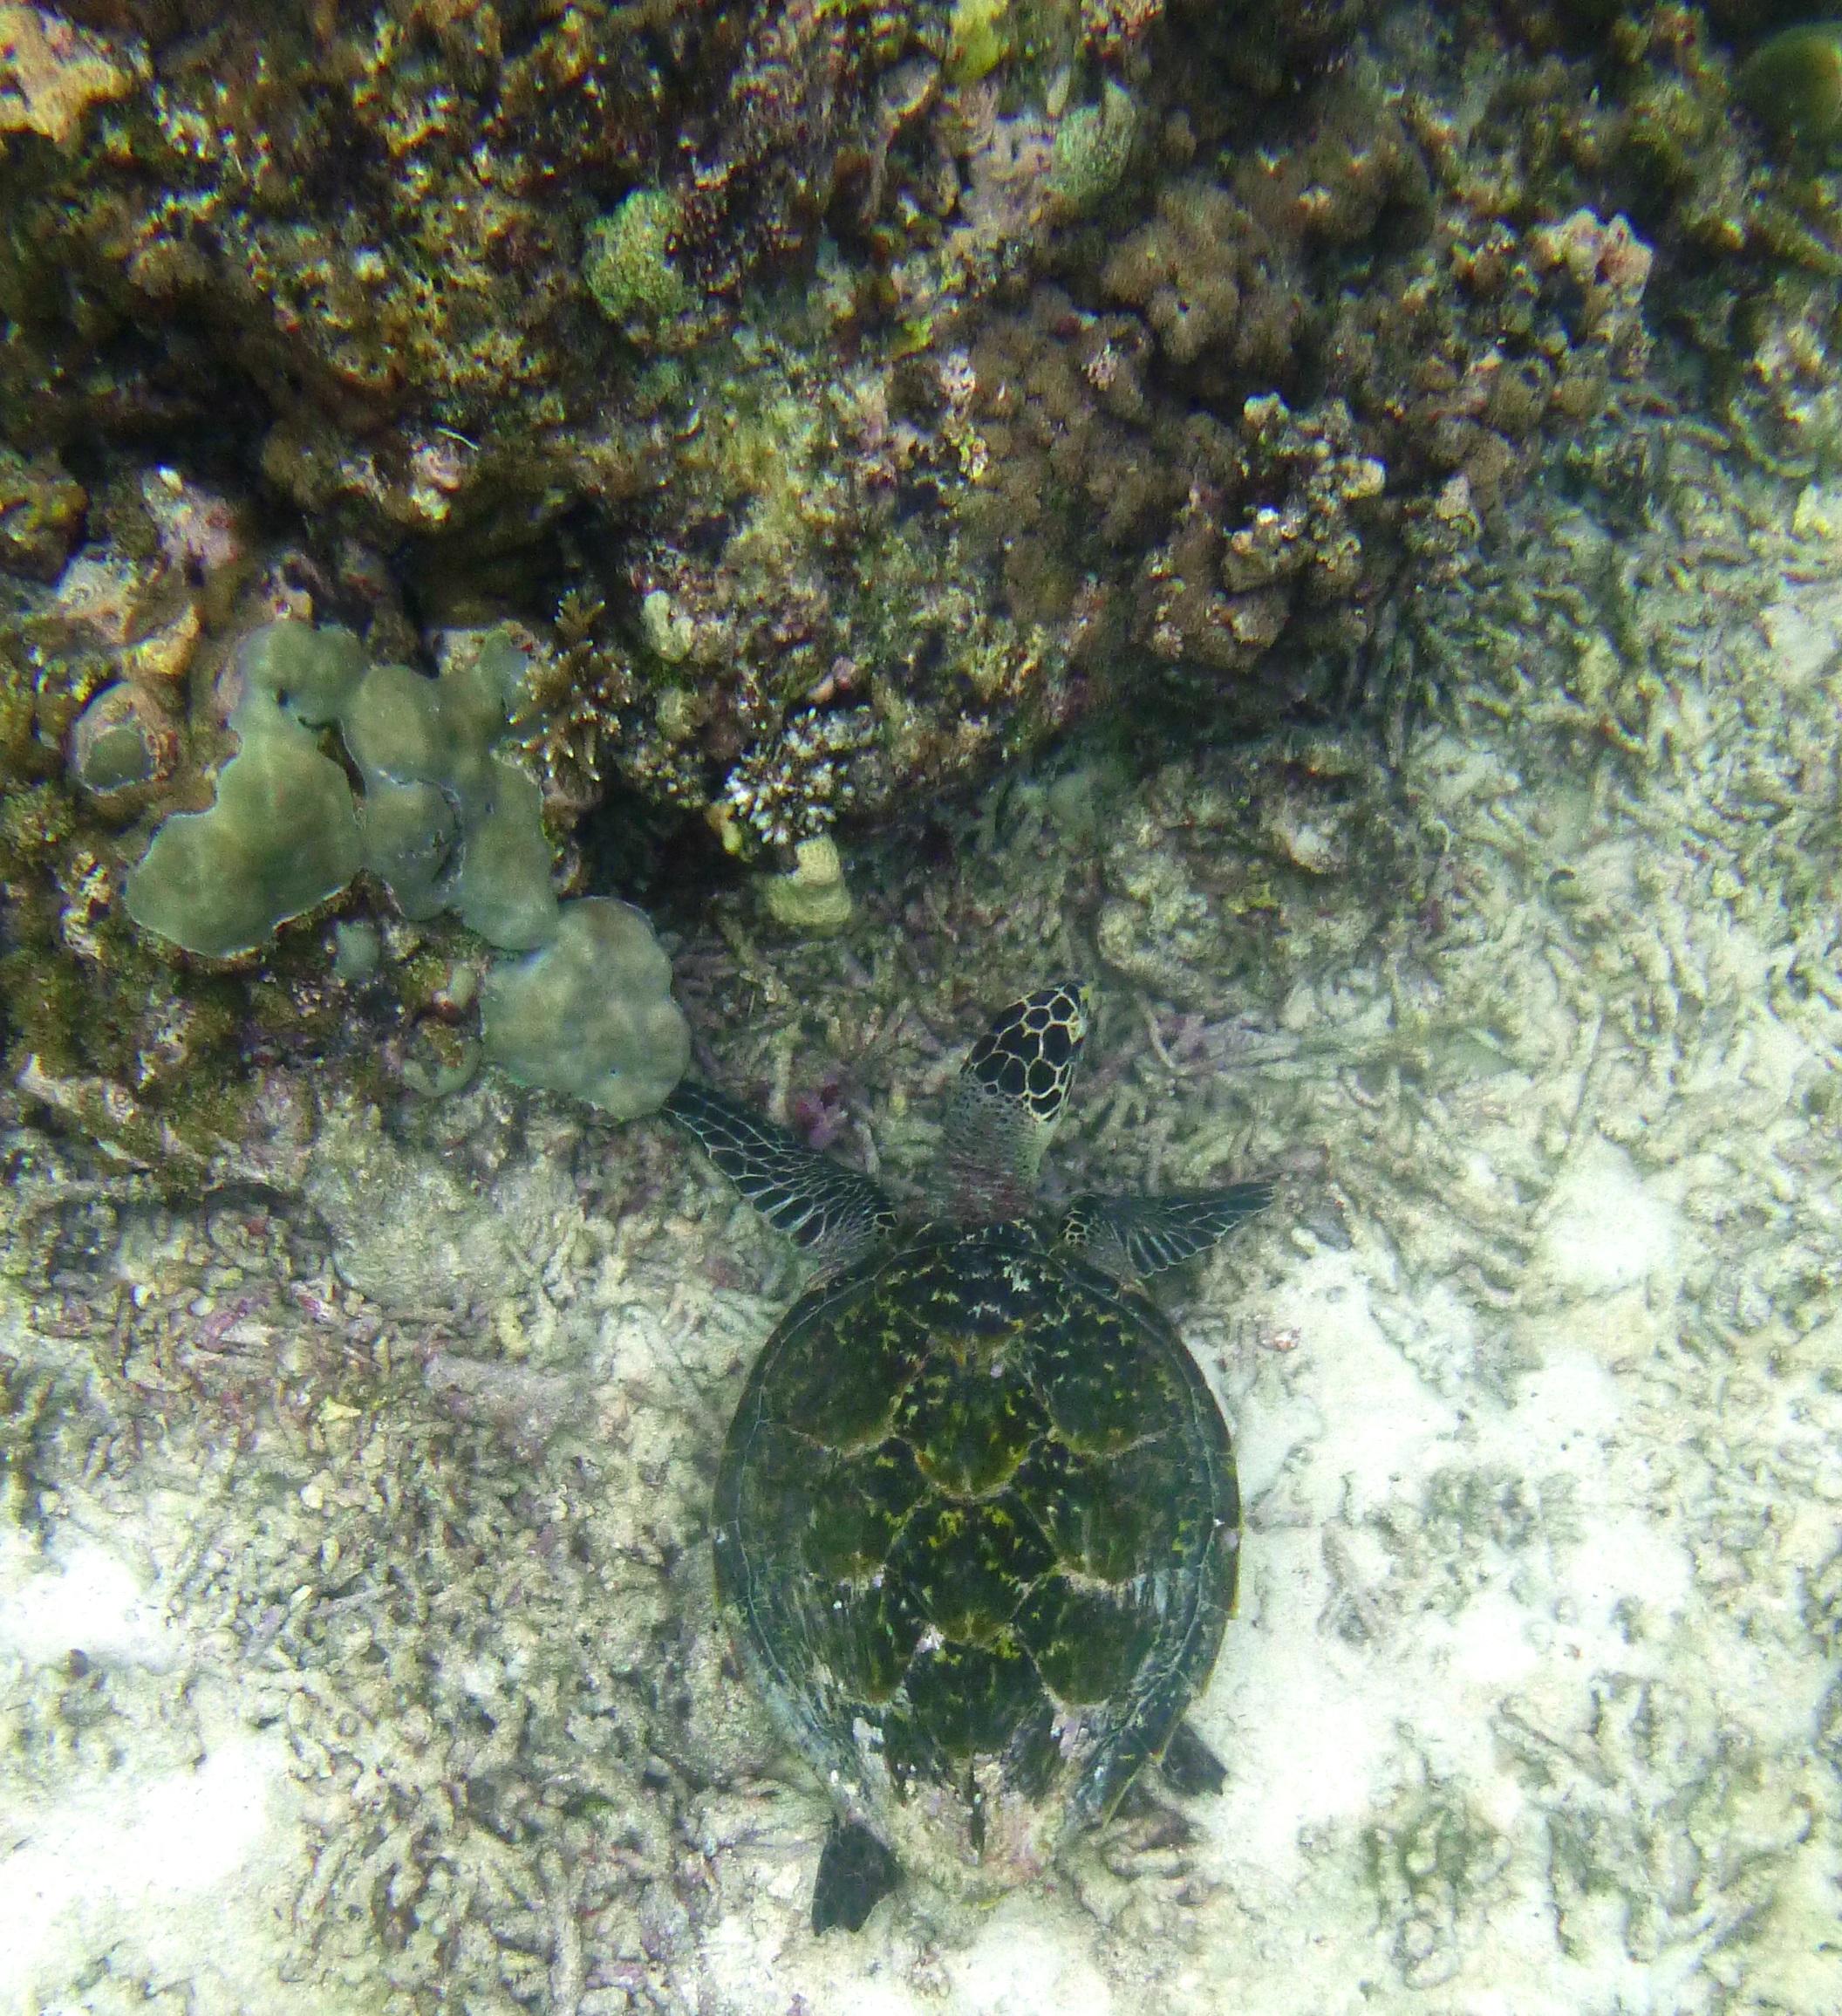 Hawksbill turtle in Petite Anse